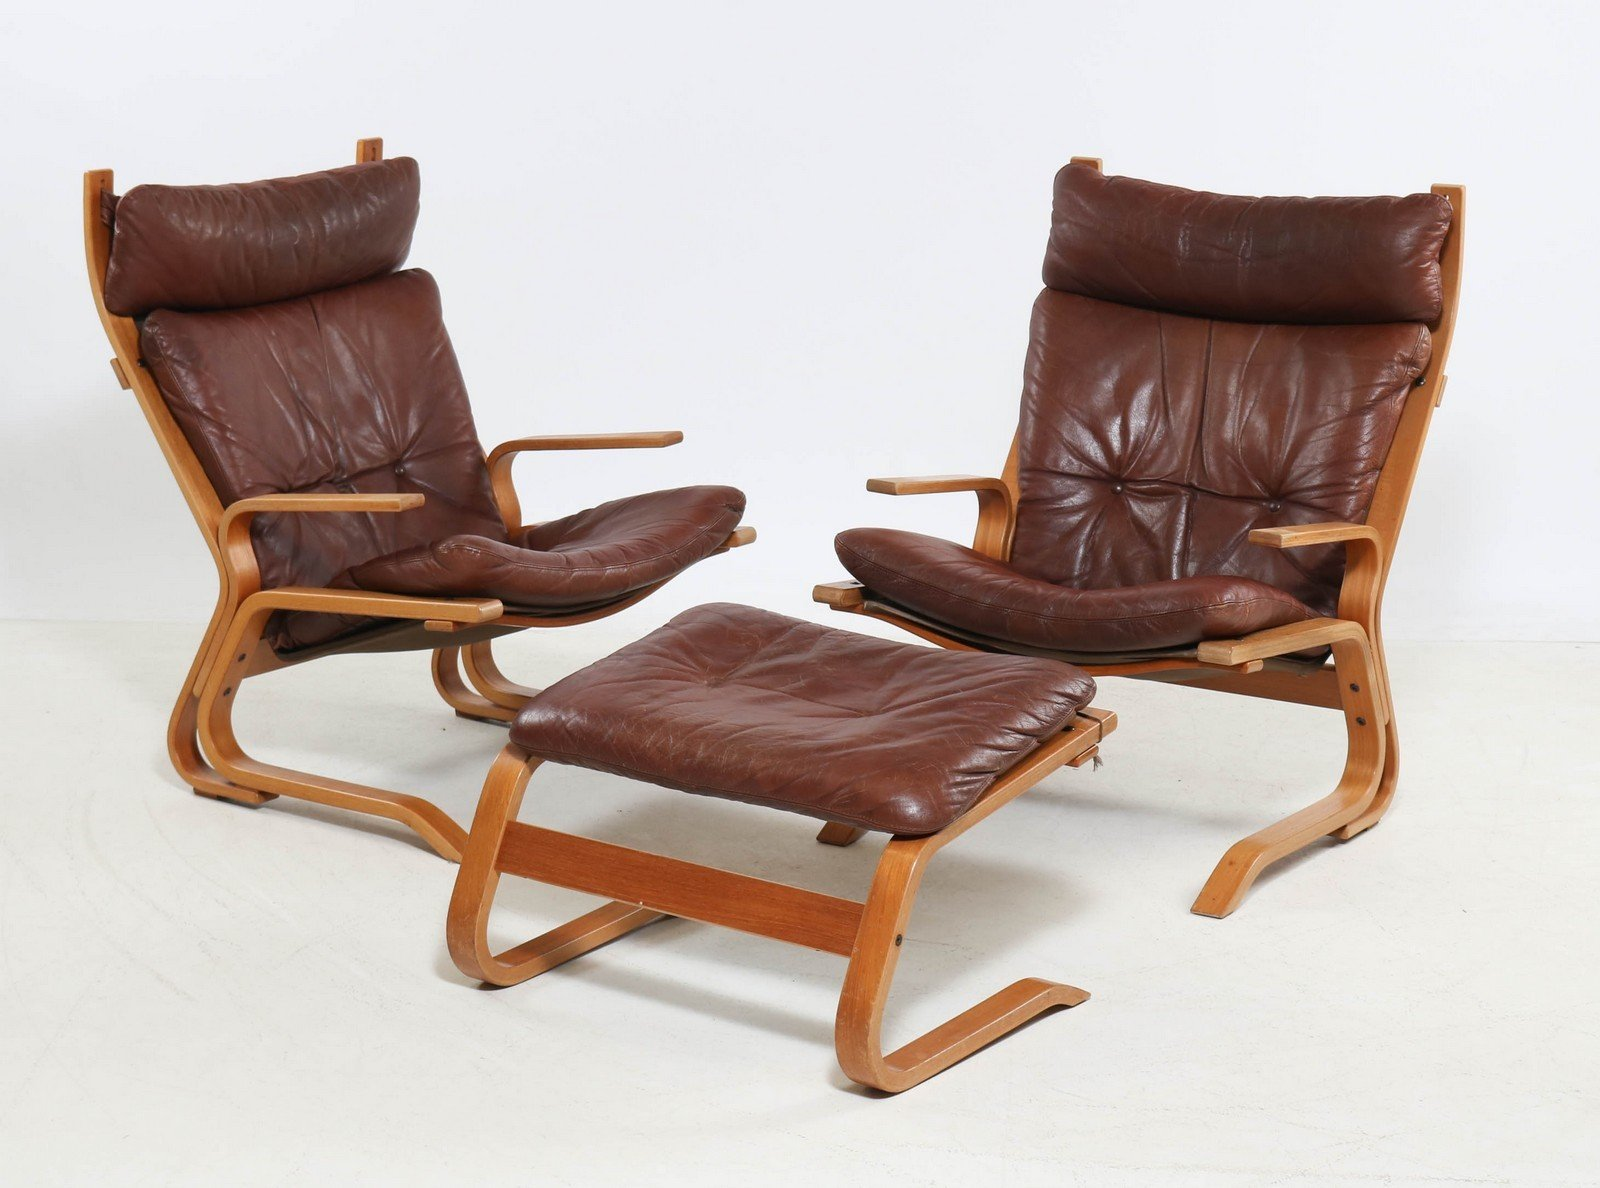 Hohe Kengu Chairs und Hocker von Elsa & Nordal Solheim für Rybo Rykken...